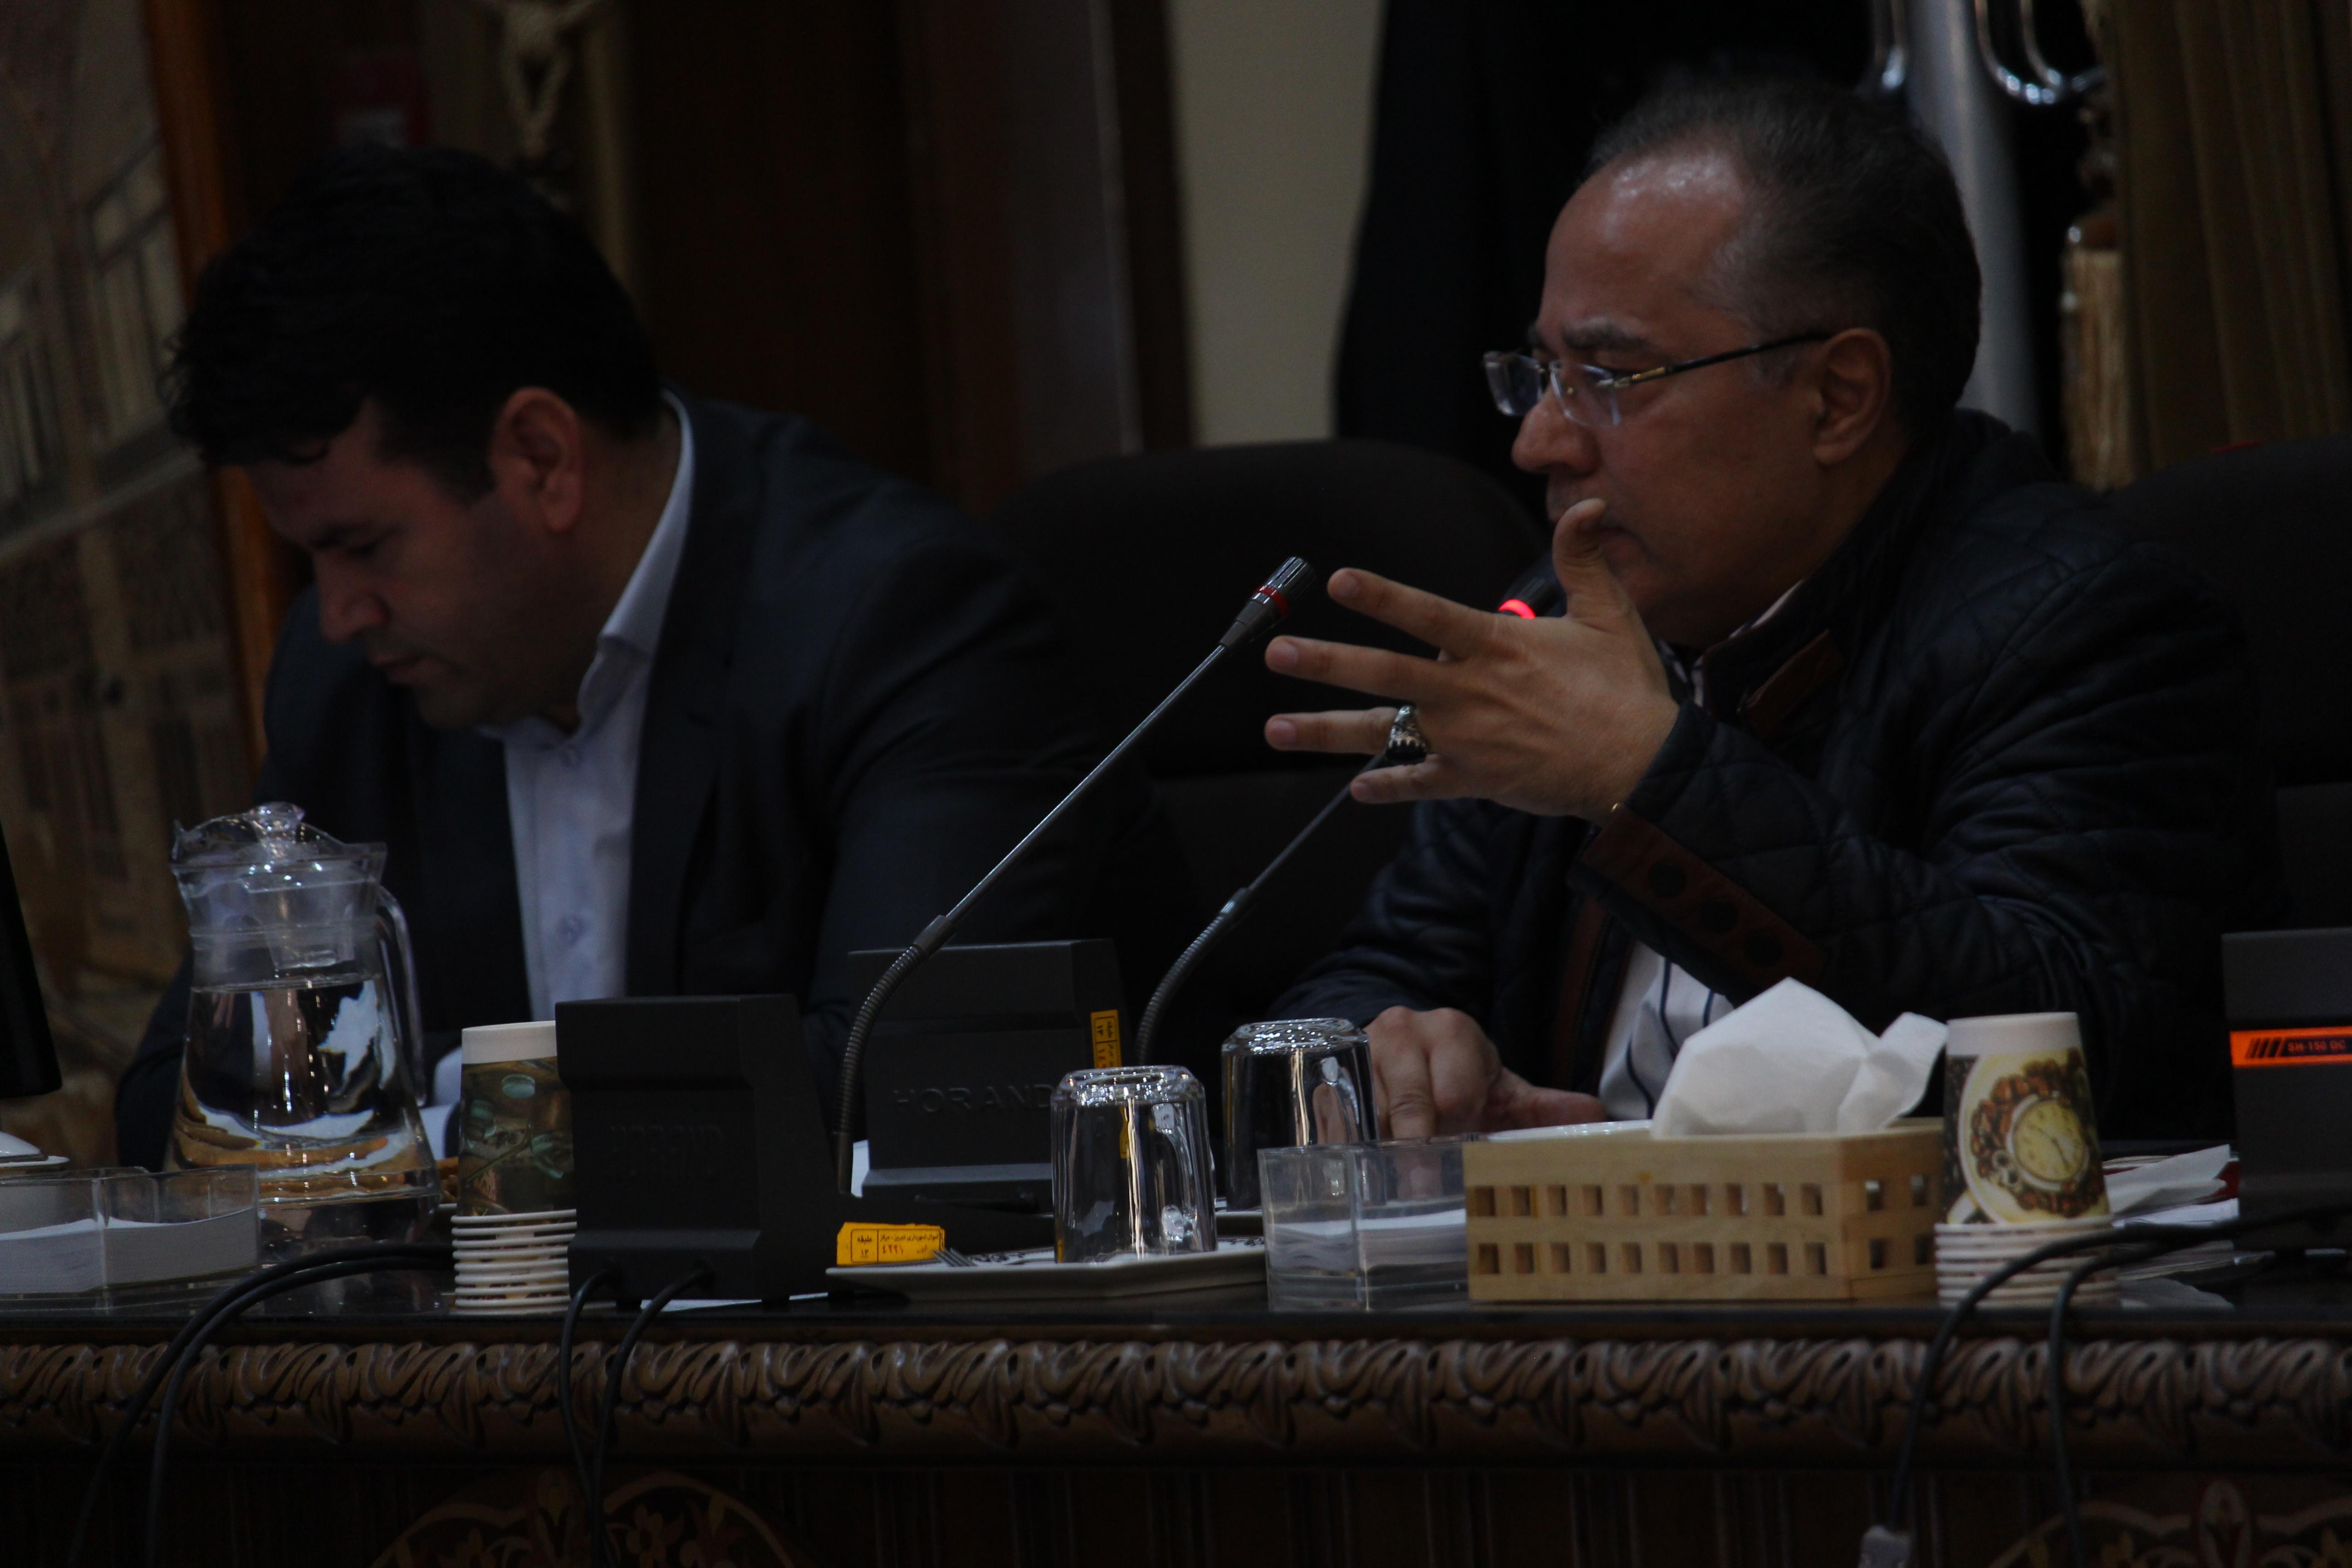 گزارش تصویری از جلسه شورای شهر تبریز